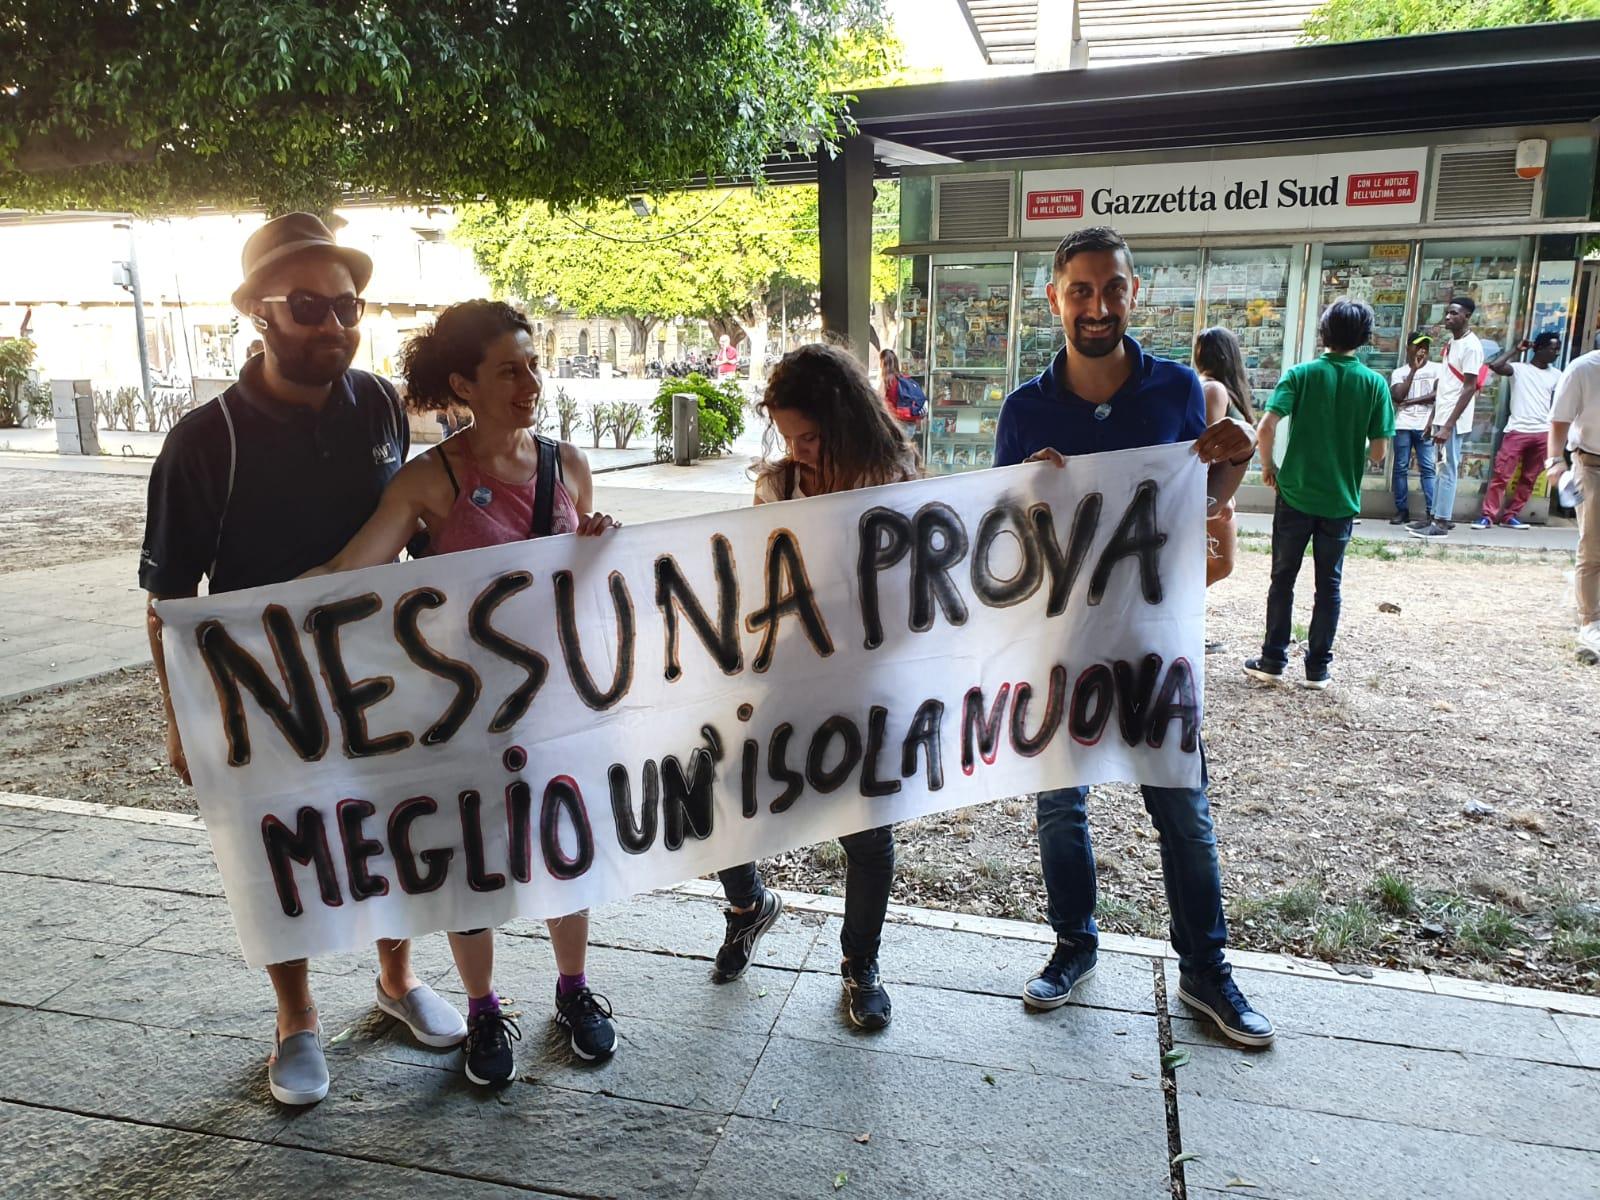 Piazza Cairoli, insignificante manifestazione pro-Isola pedonale